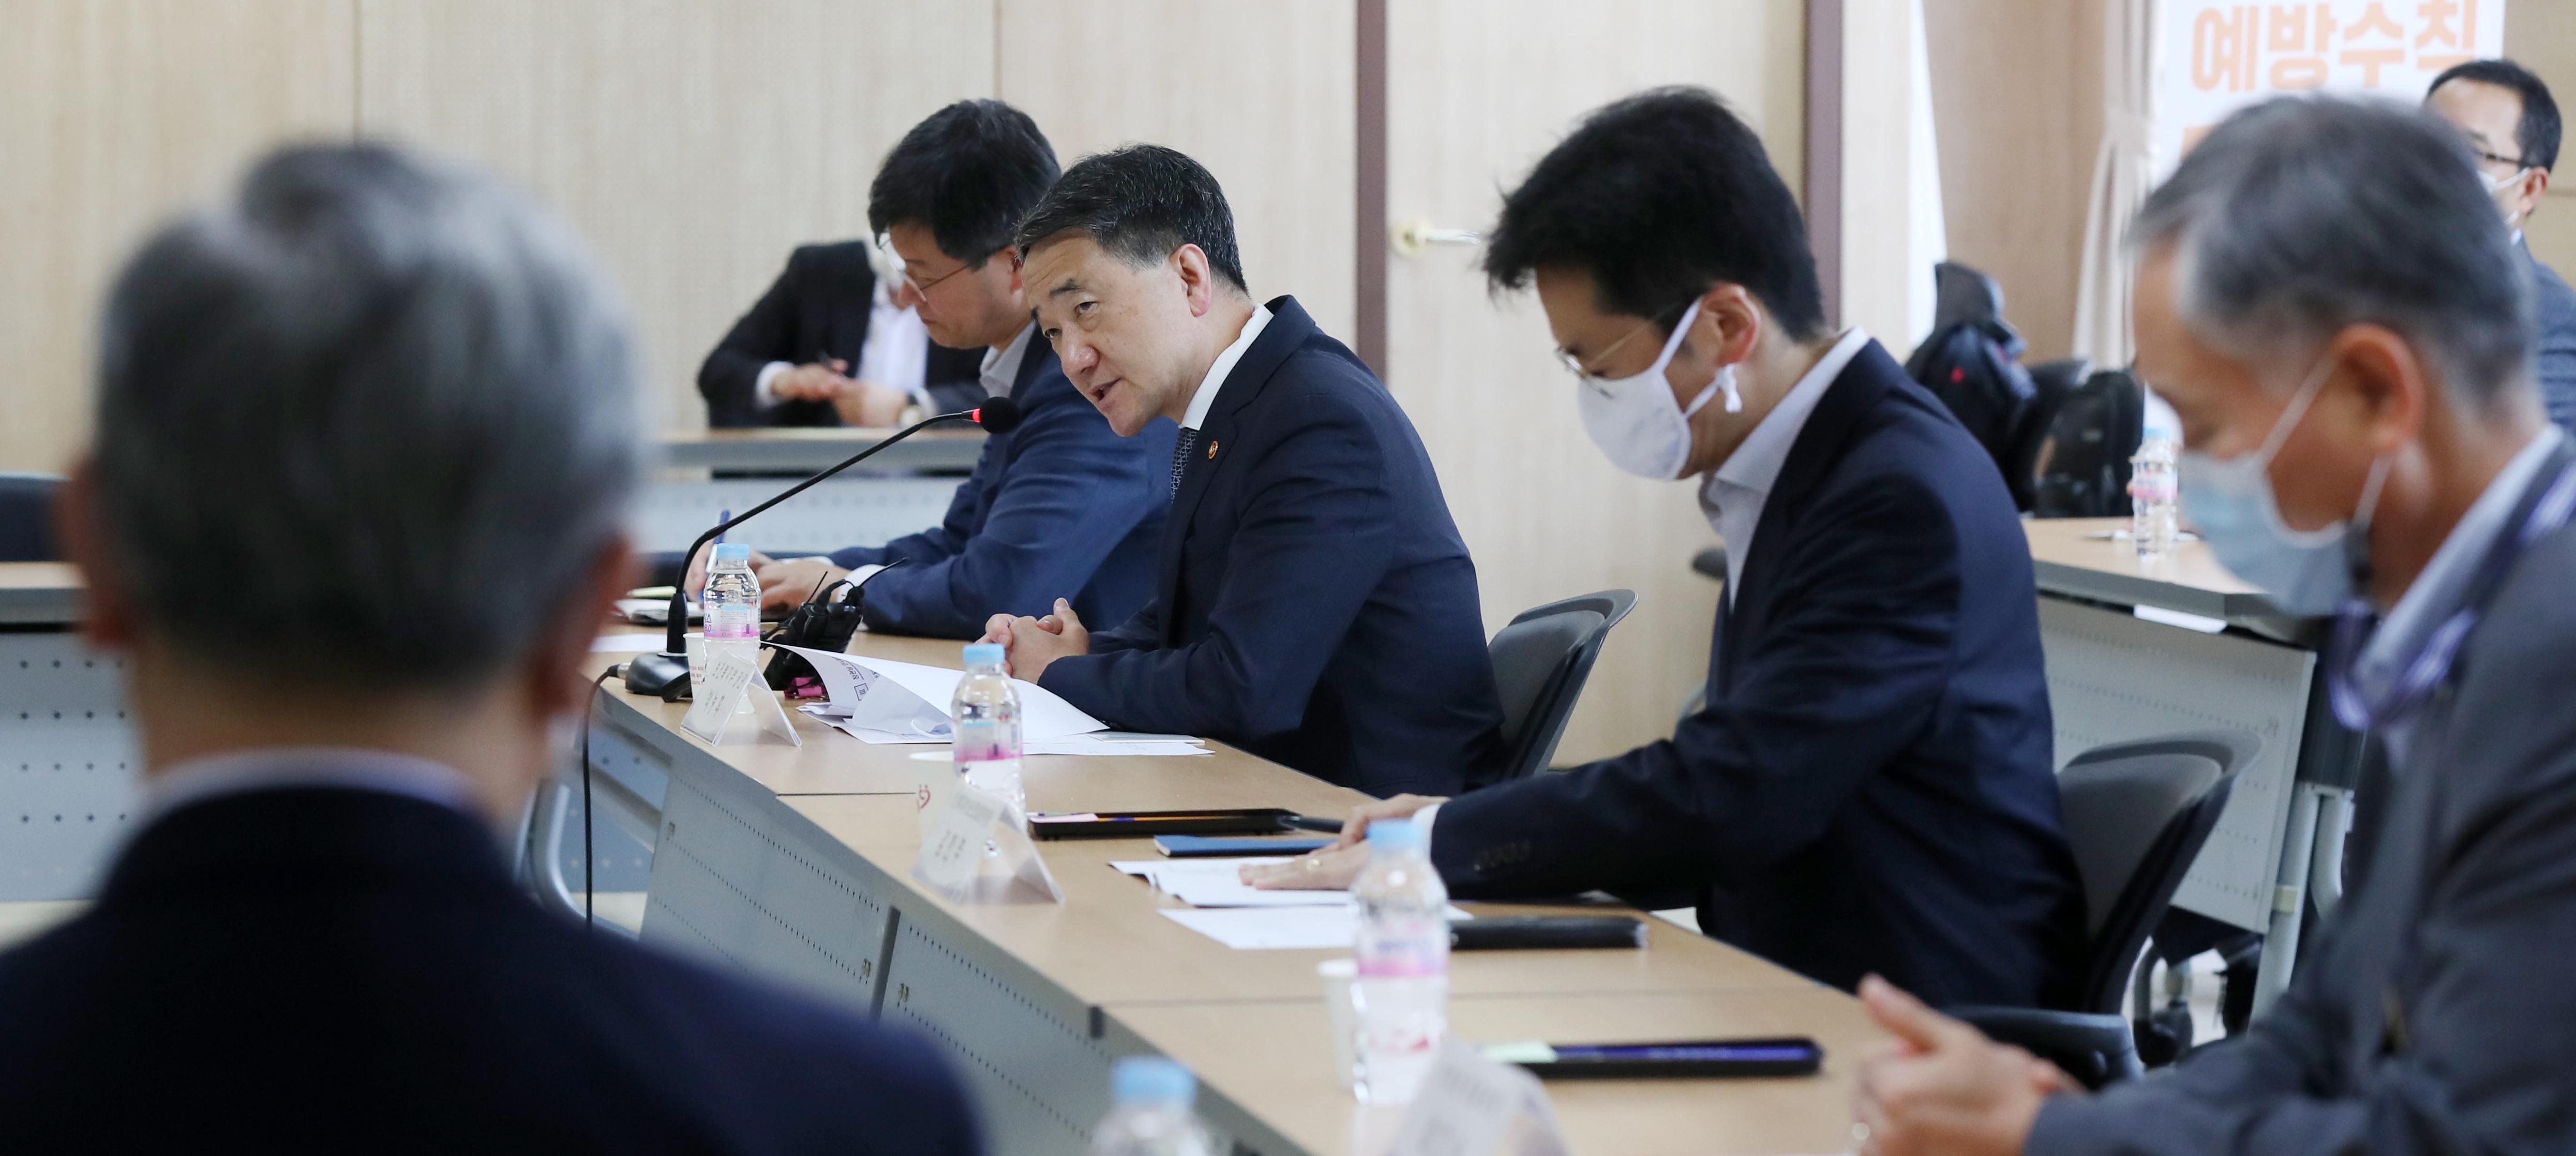 ▲▼南韓保健福祉部長與醫界人士協商,卻始終無法談出令雙方滿意的結果。(圖/達志影像)